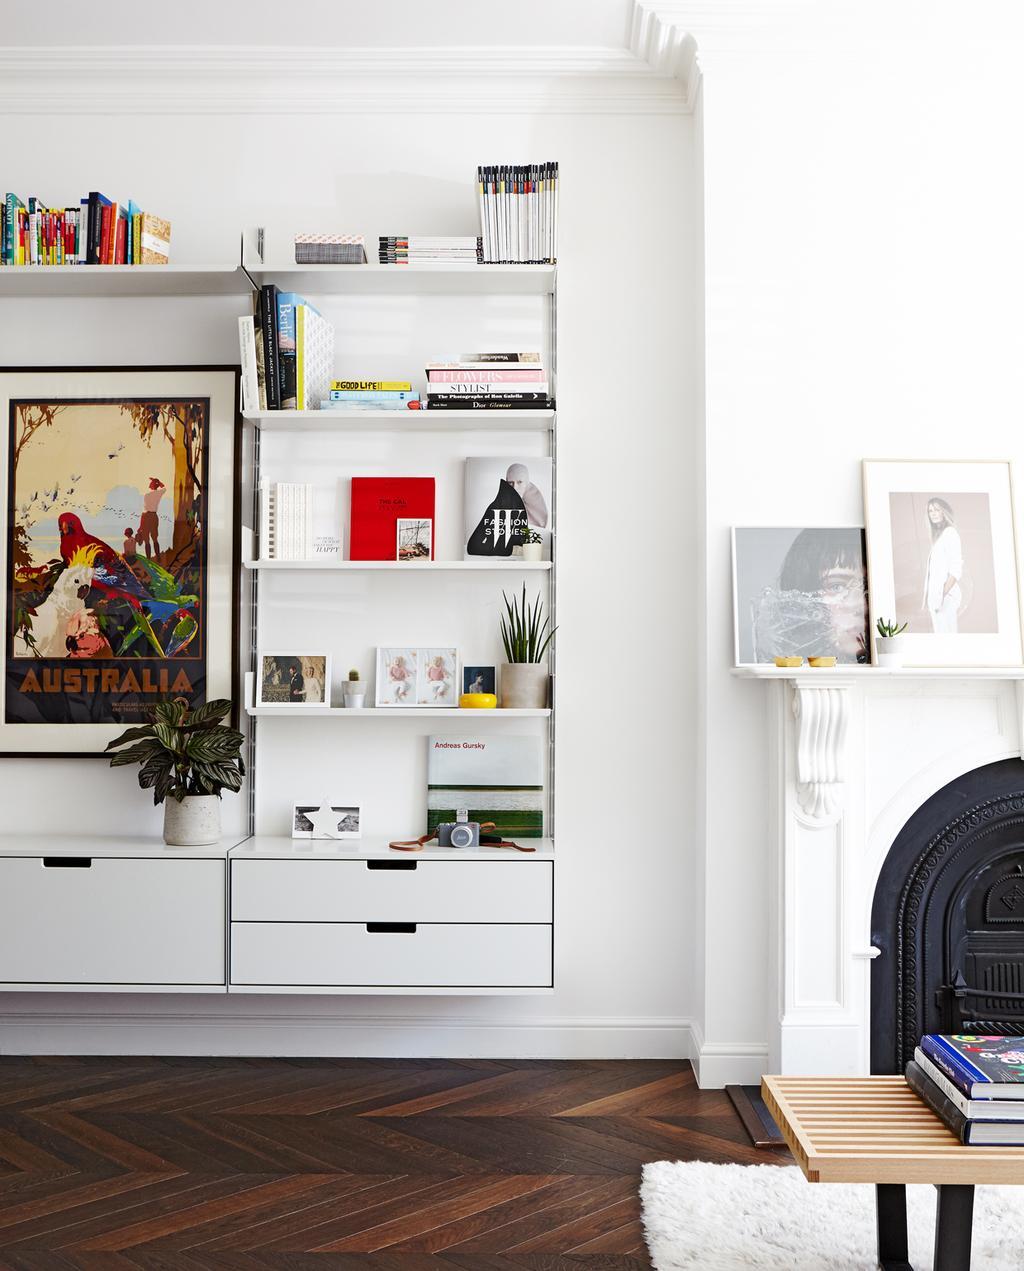 vtwonen 1-2020 | binnenkijken in een rijtjeshuis in Londen woonkamer boekenwand boekenkast